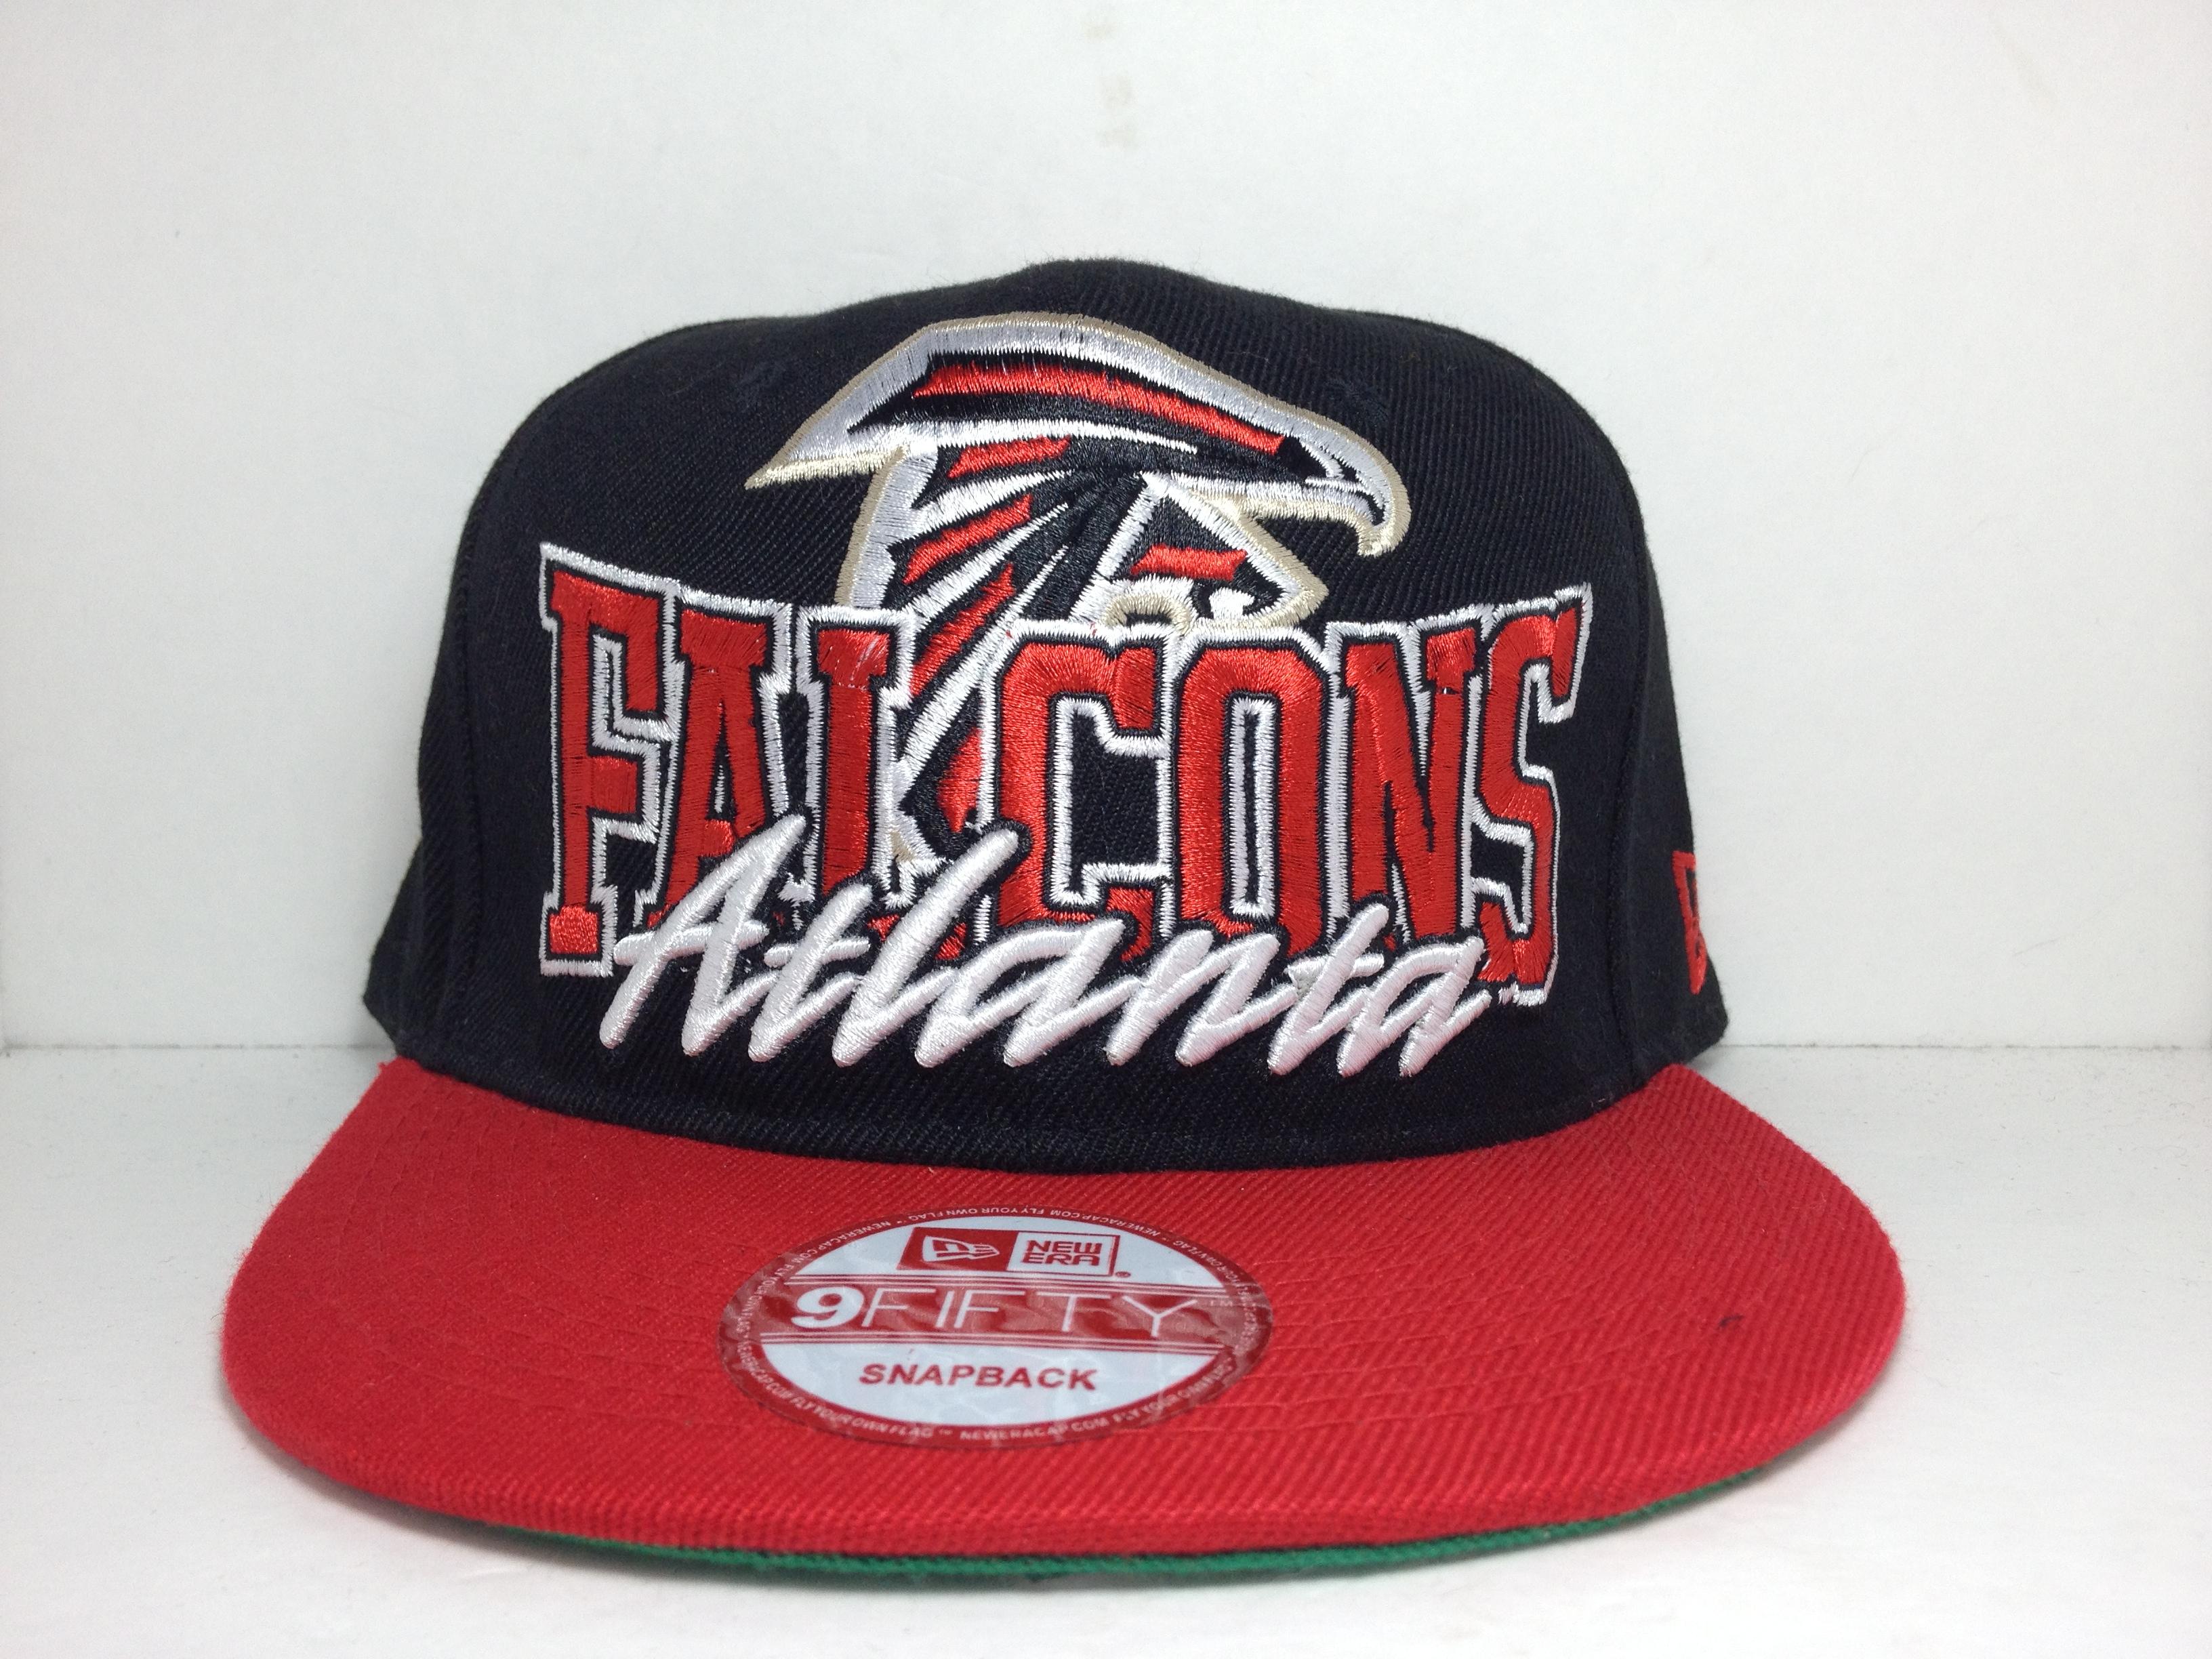 024 NFL Atlanta Falcons Snapback